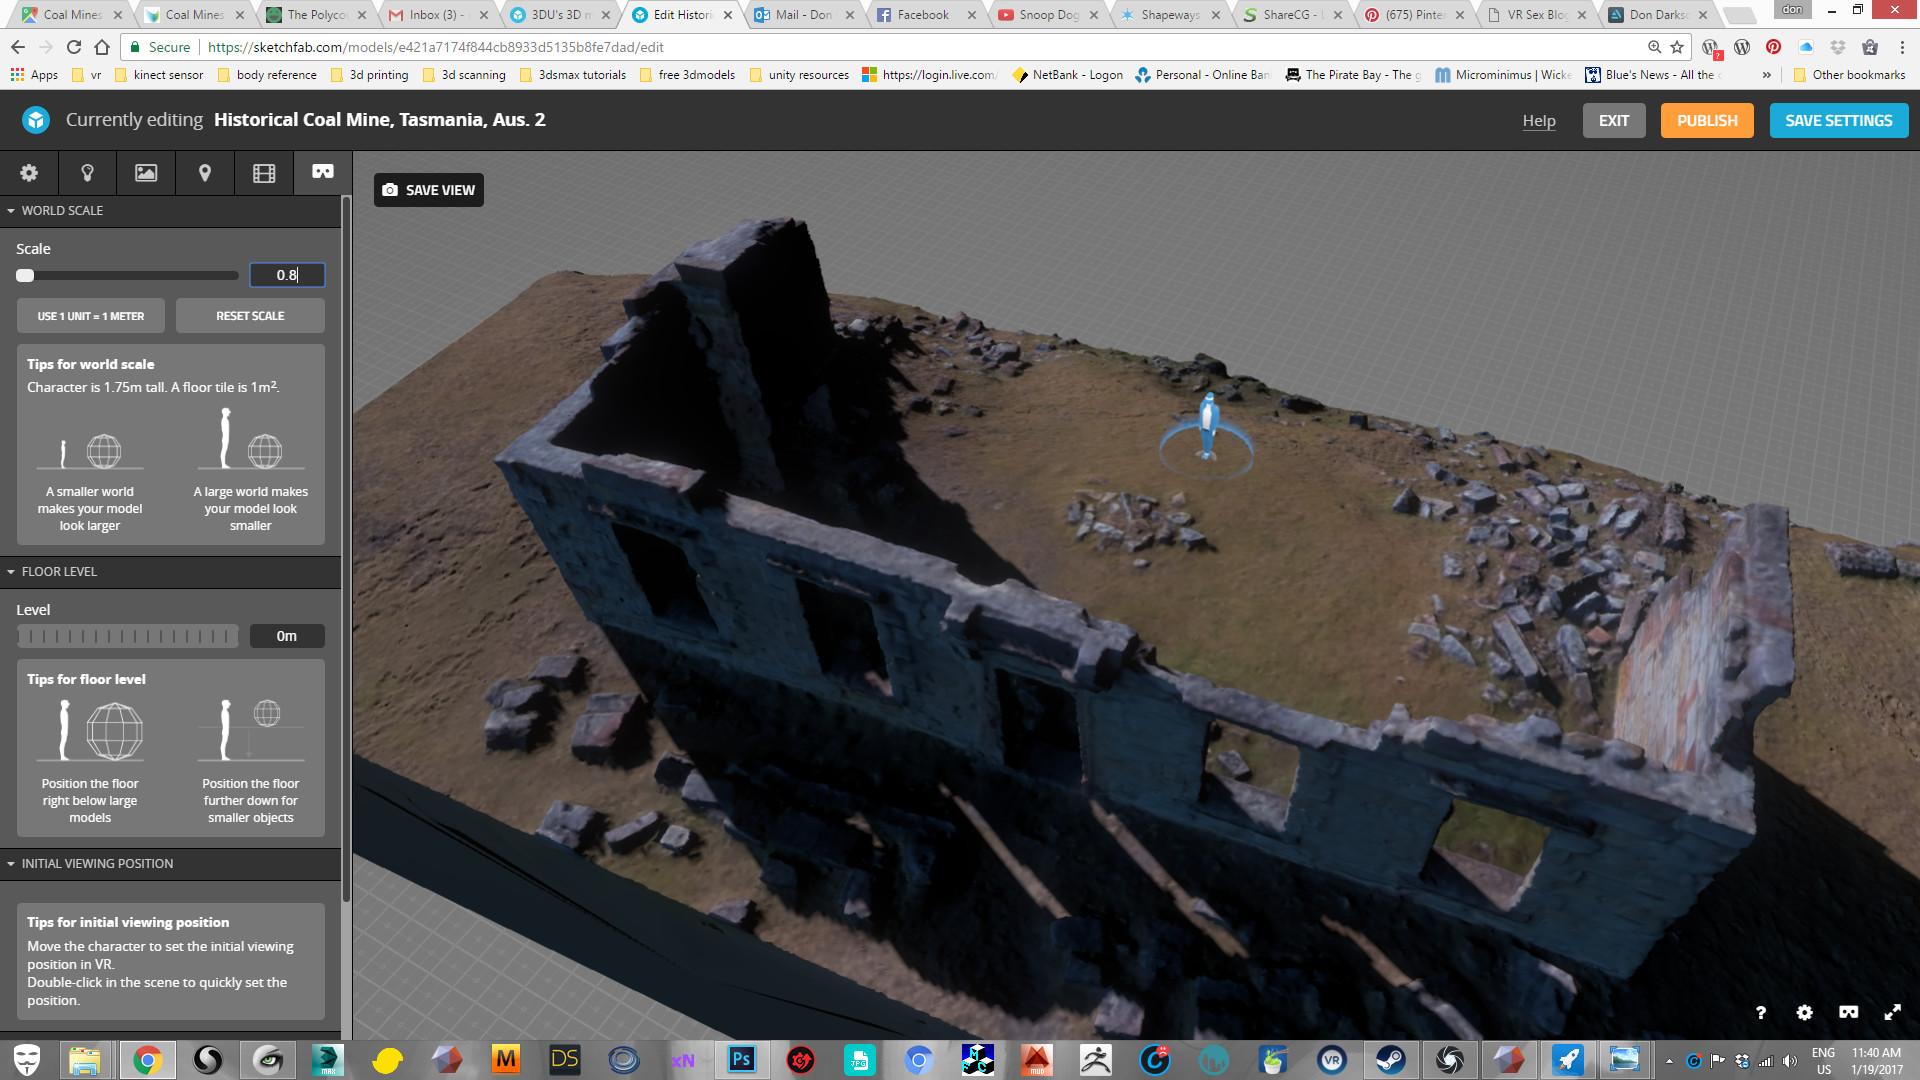 Don darkson screenshot 2017 01 19 11 40 08